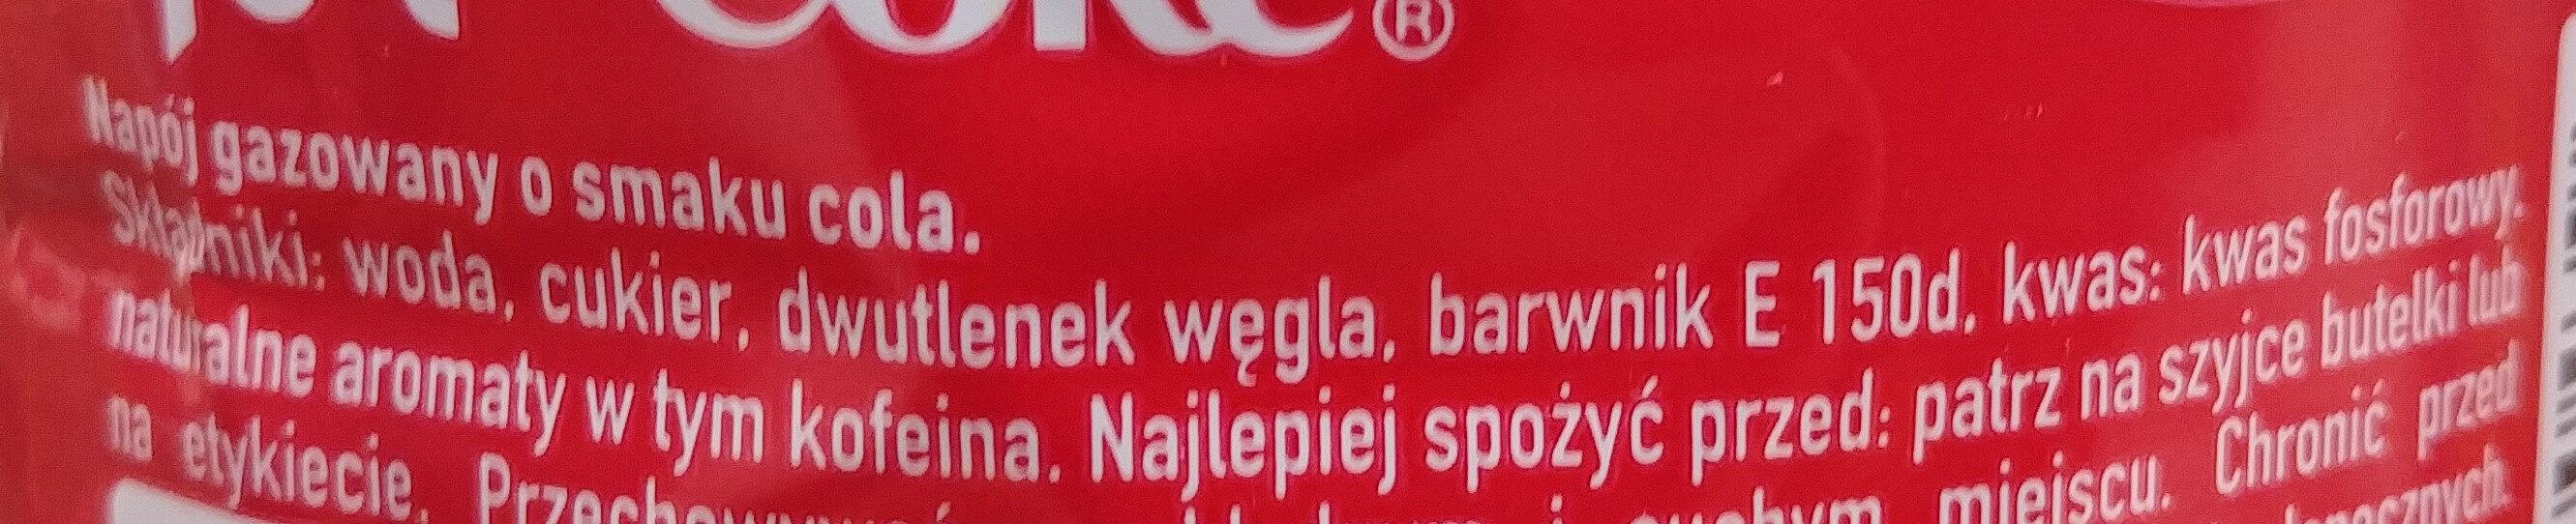 كوكا كولا - Składniki - pl